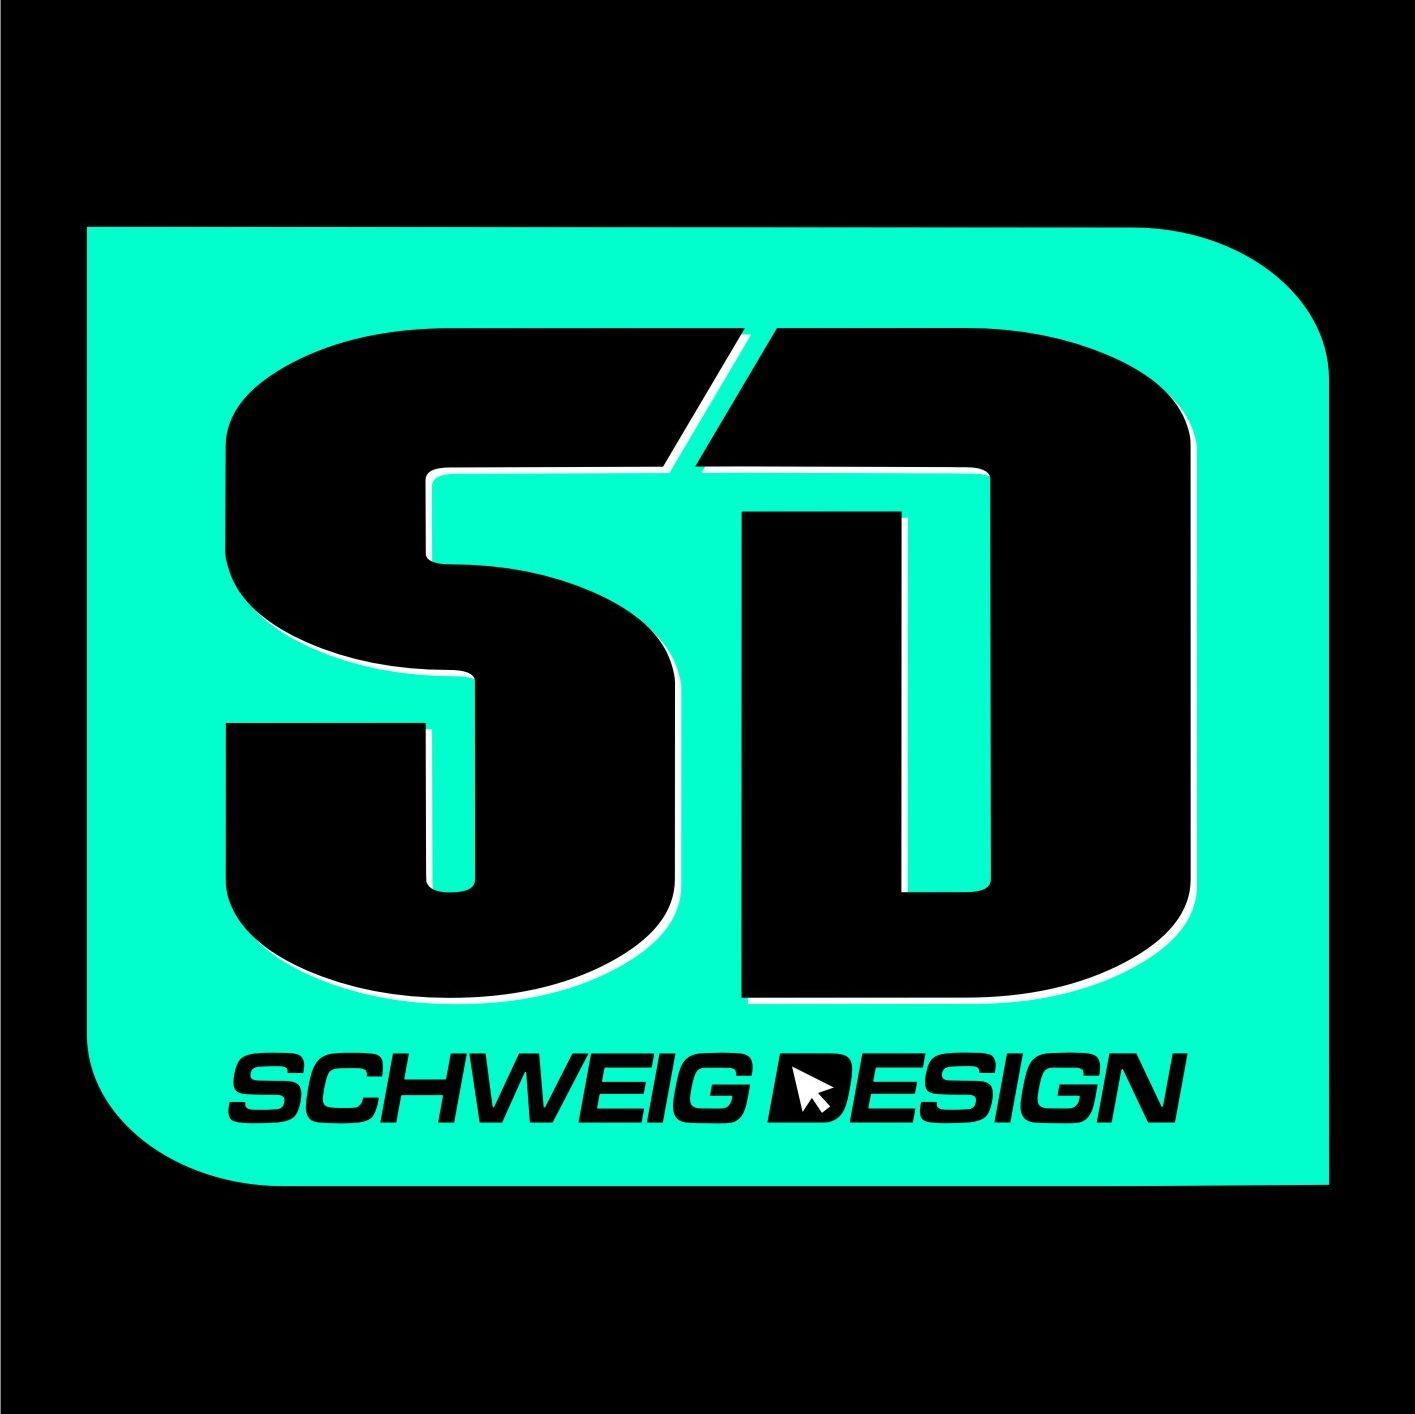 schweig-design logo